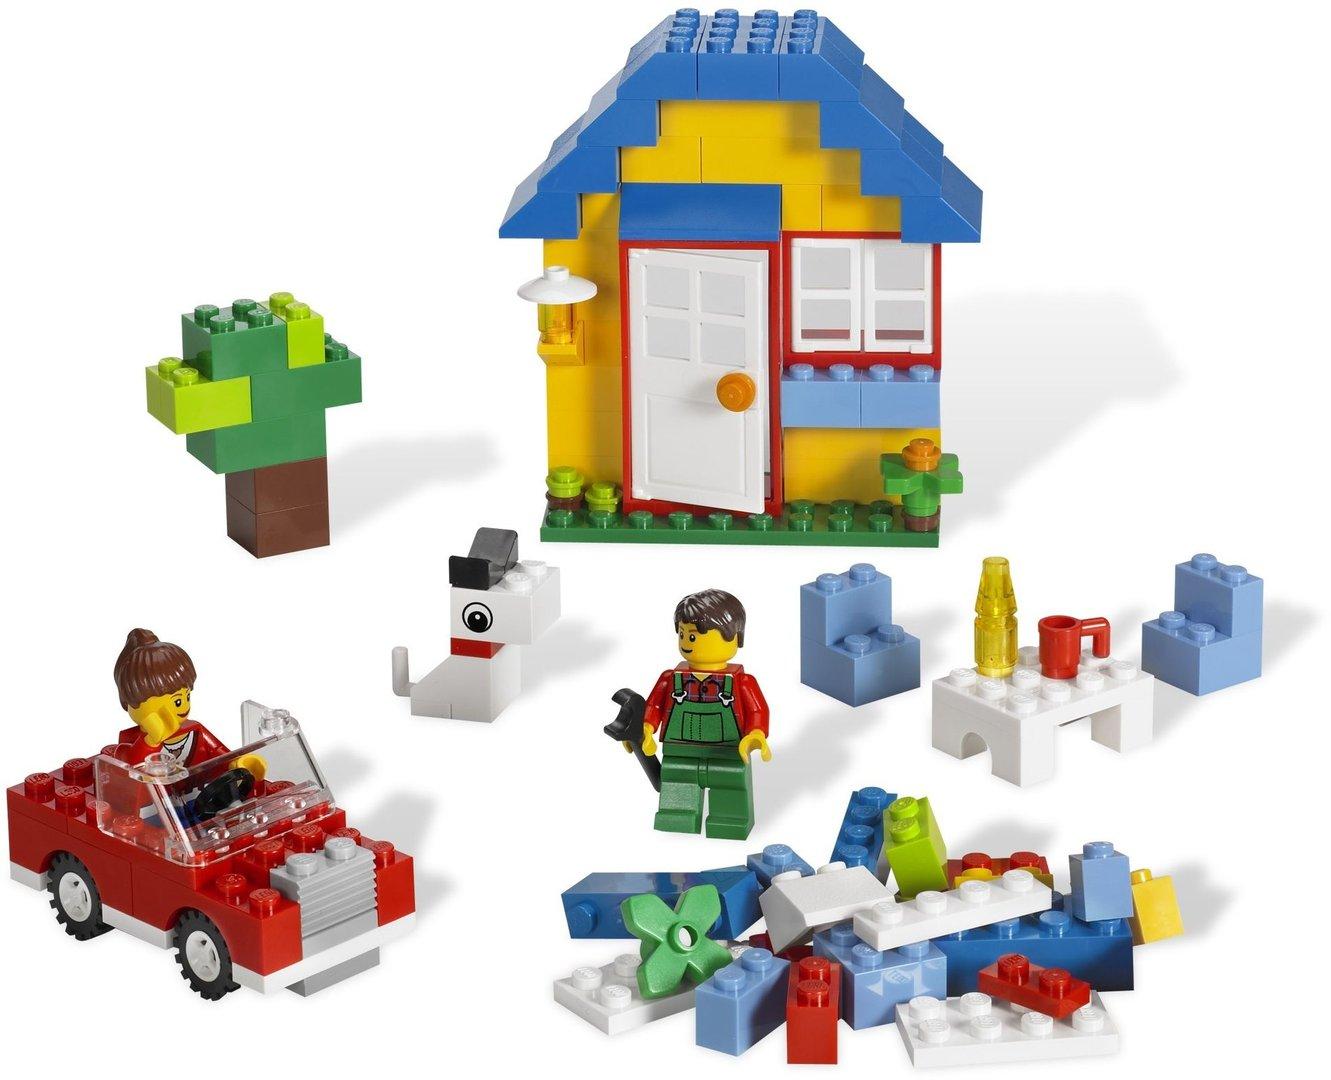 lego bausteine haus 5899 steinekiste. Black Bedroom Furniture Sets. Home Design Ideas